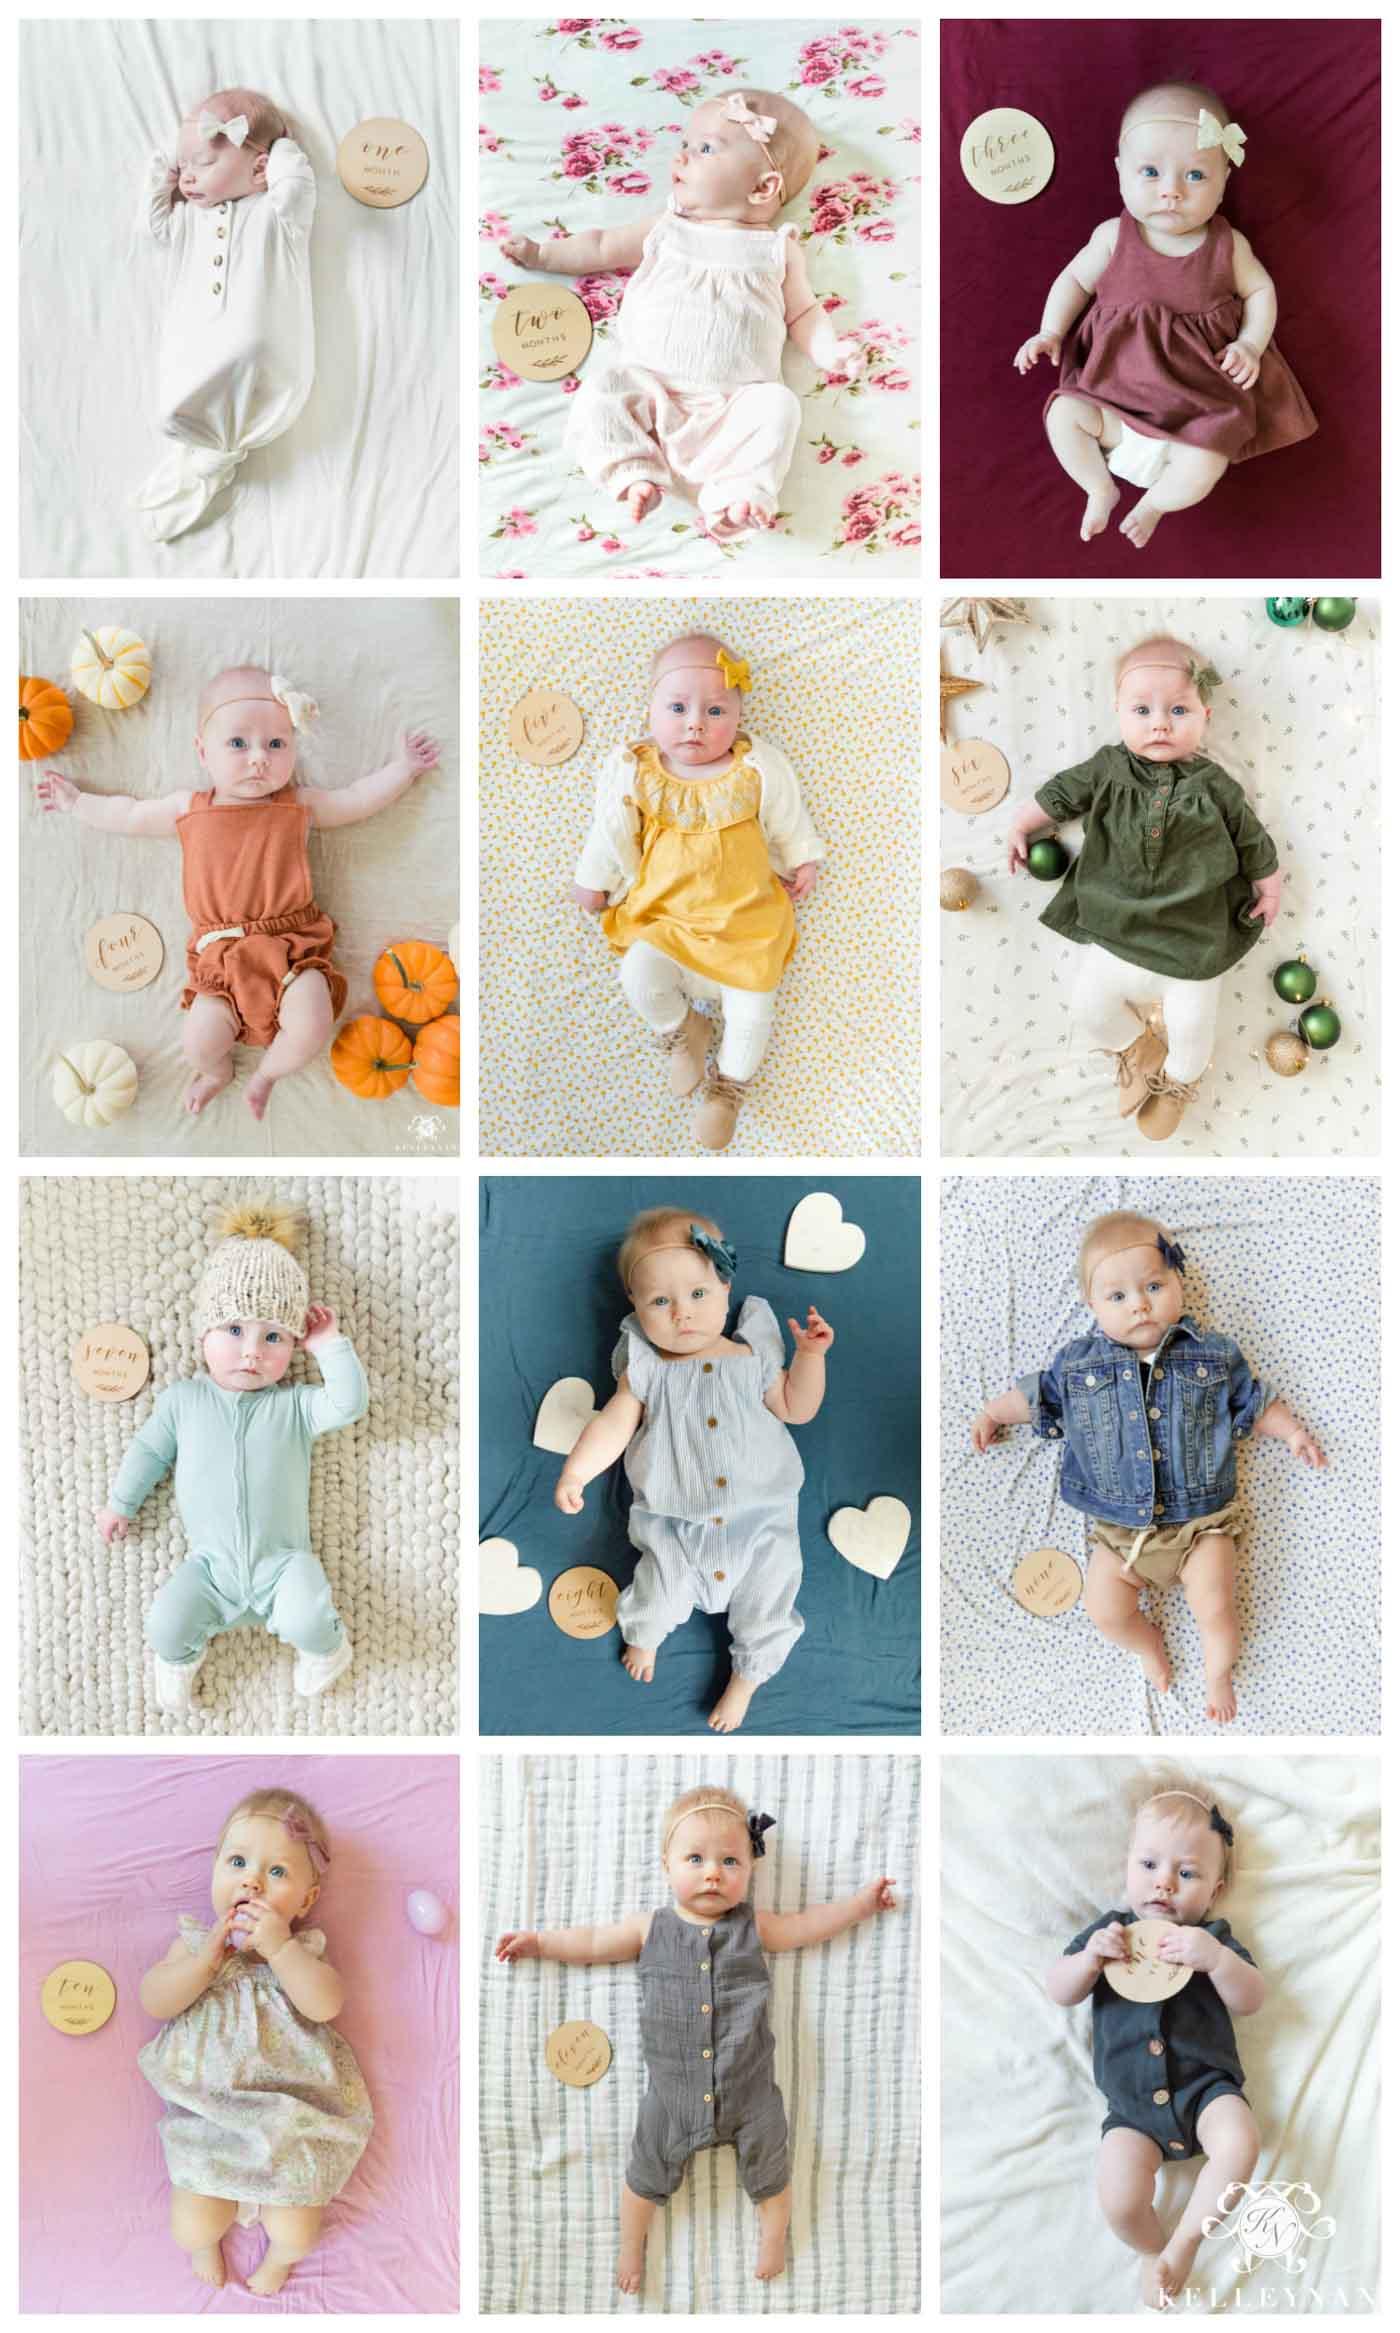 Baby Monthly Milestone Photo idea -- Rainbow!